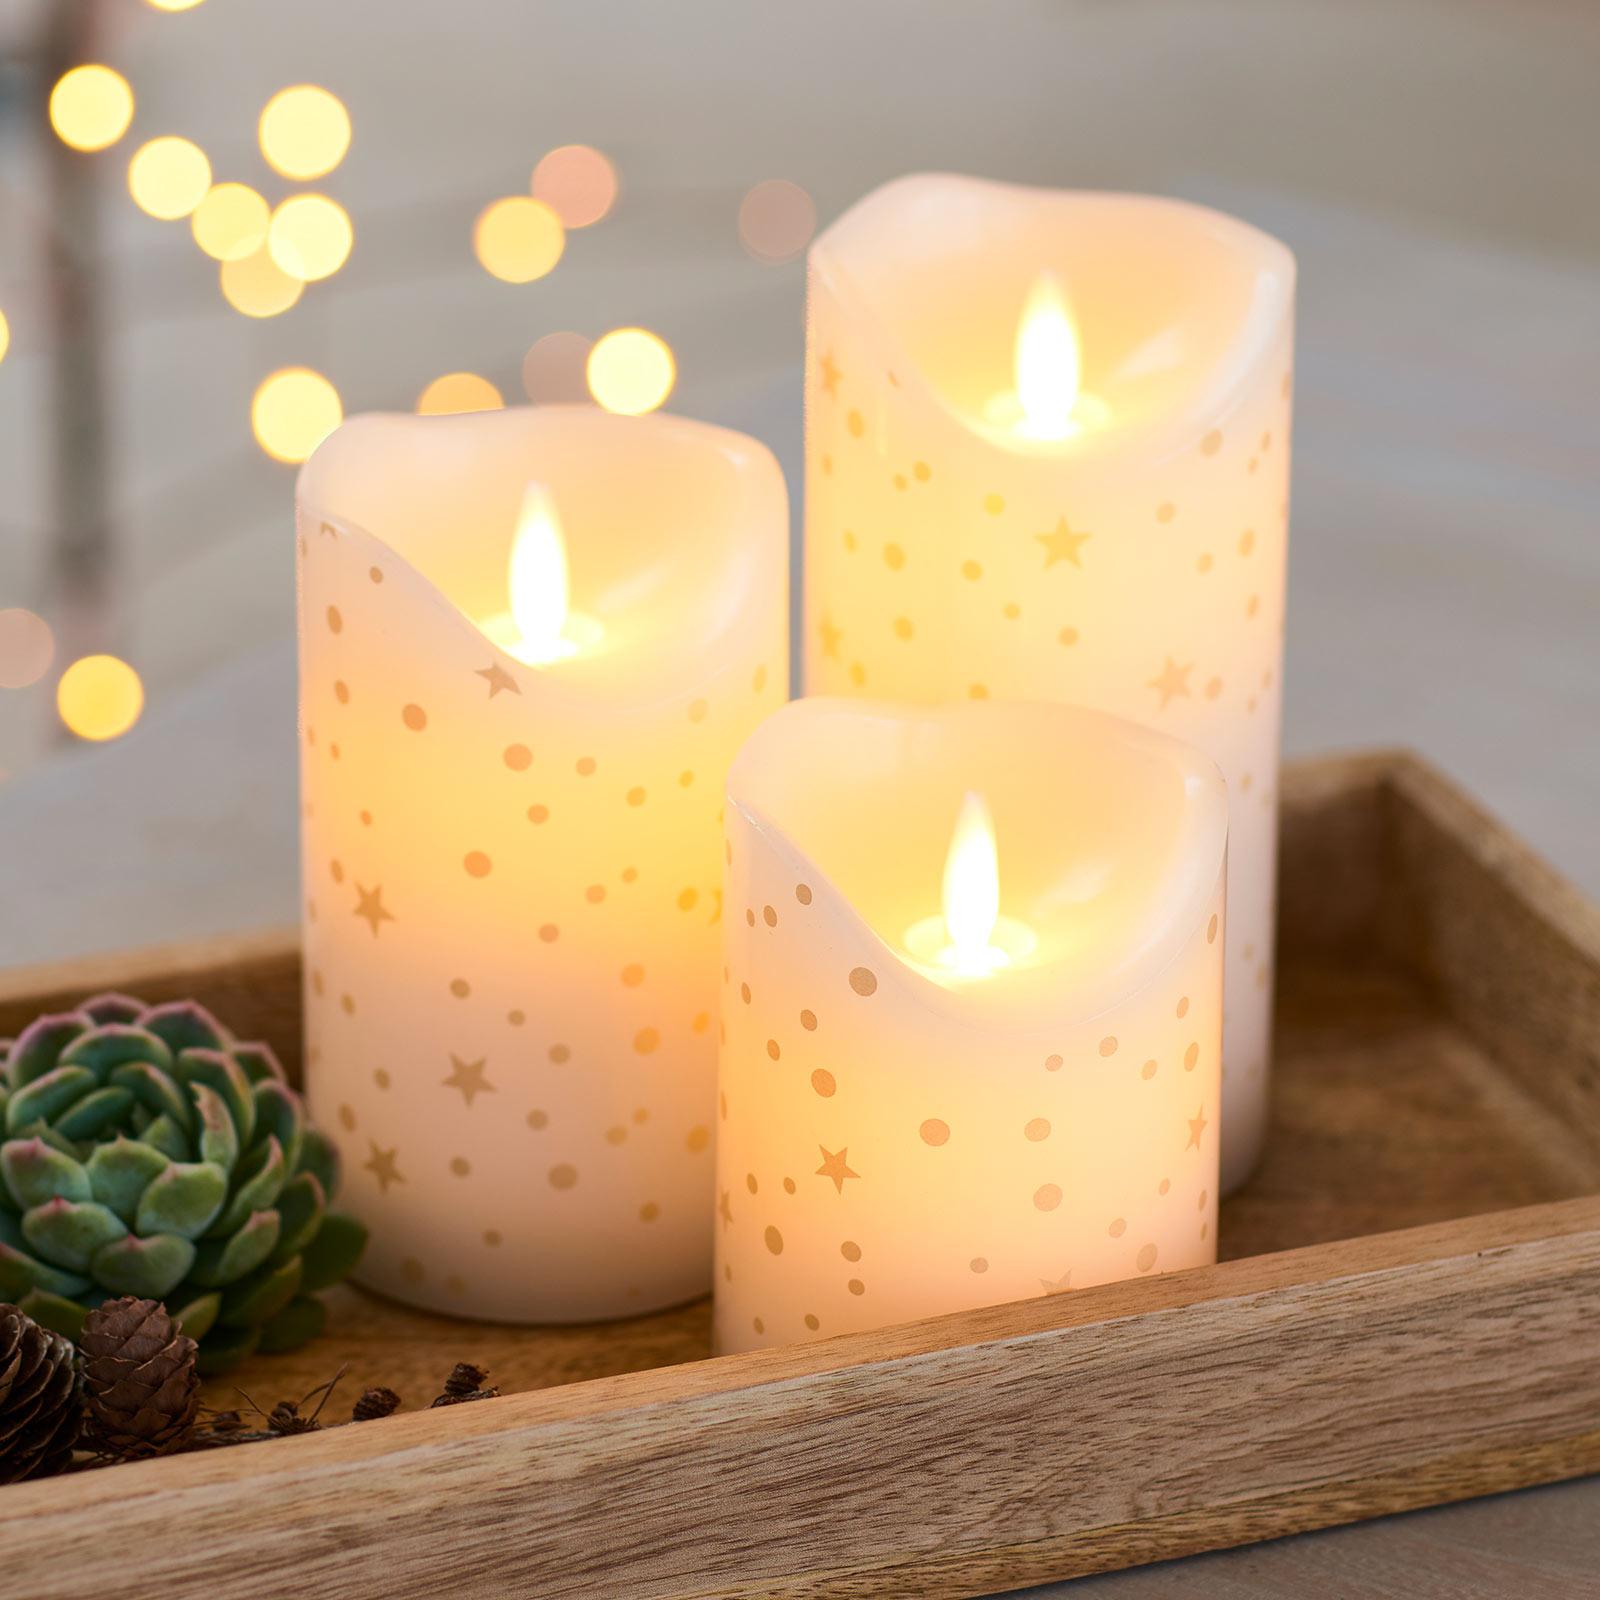 Bougie LED Sara par 3 blanc/or hauteur 10-15cm